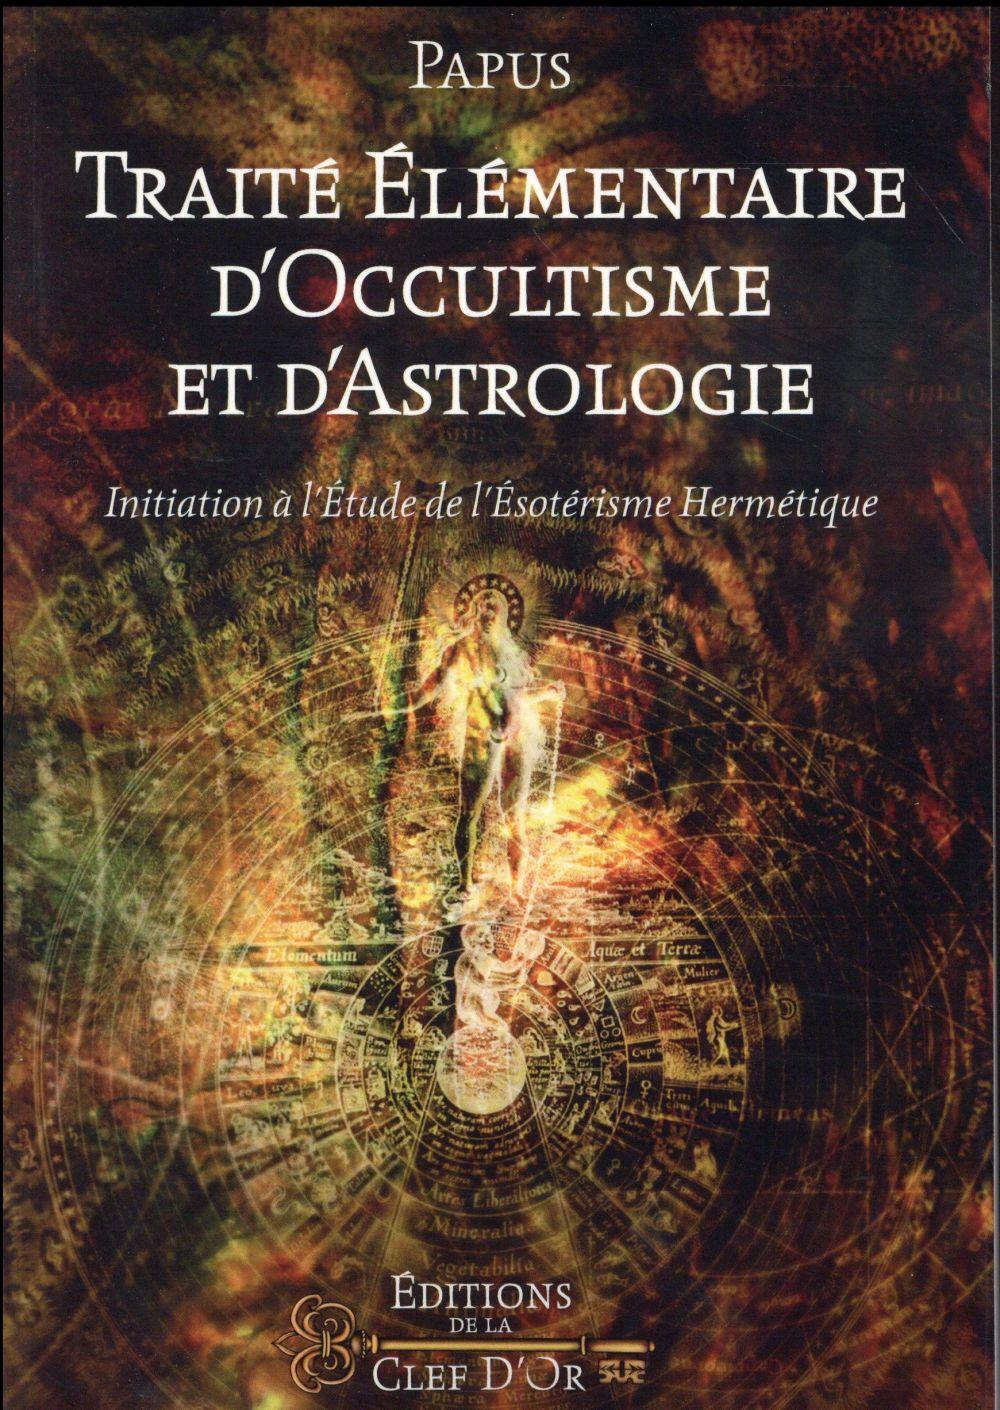 TRAITE ELEMENTAIRE D'OCCULTISME ET D'ASTROLOGIE - INITIATION A L'ETUDE DE L'ESOTERISME HERMETIQUE.